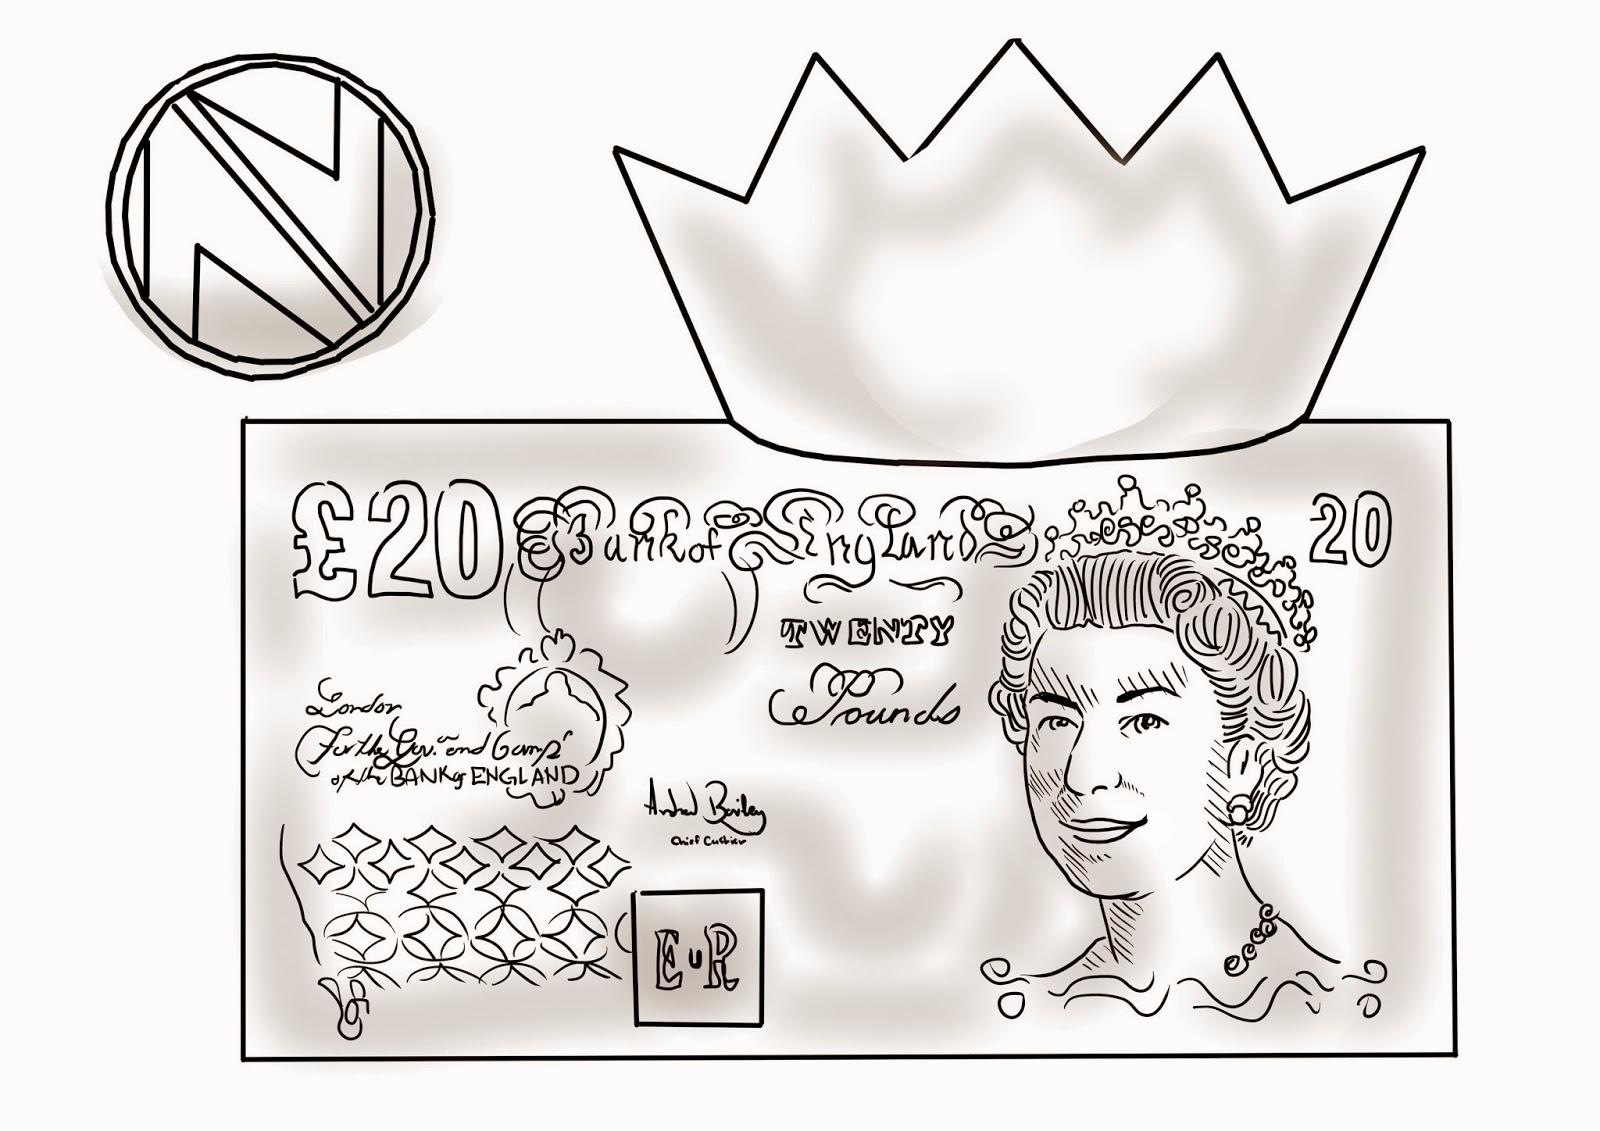 cash crown